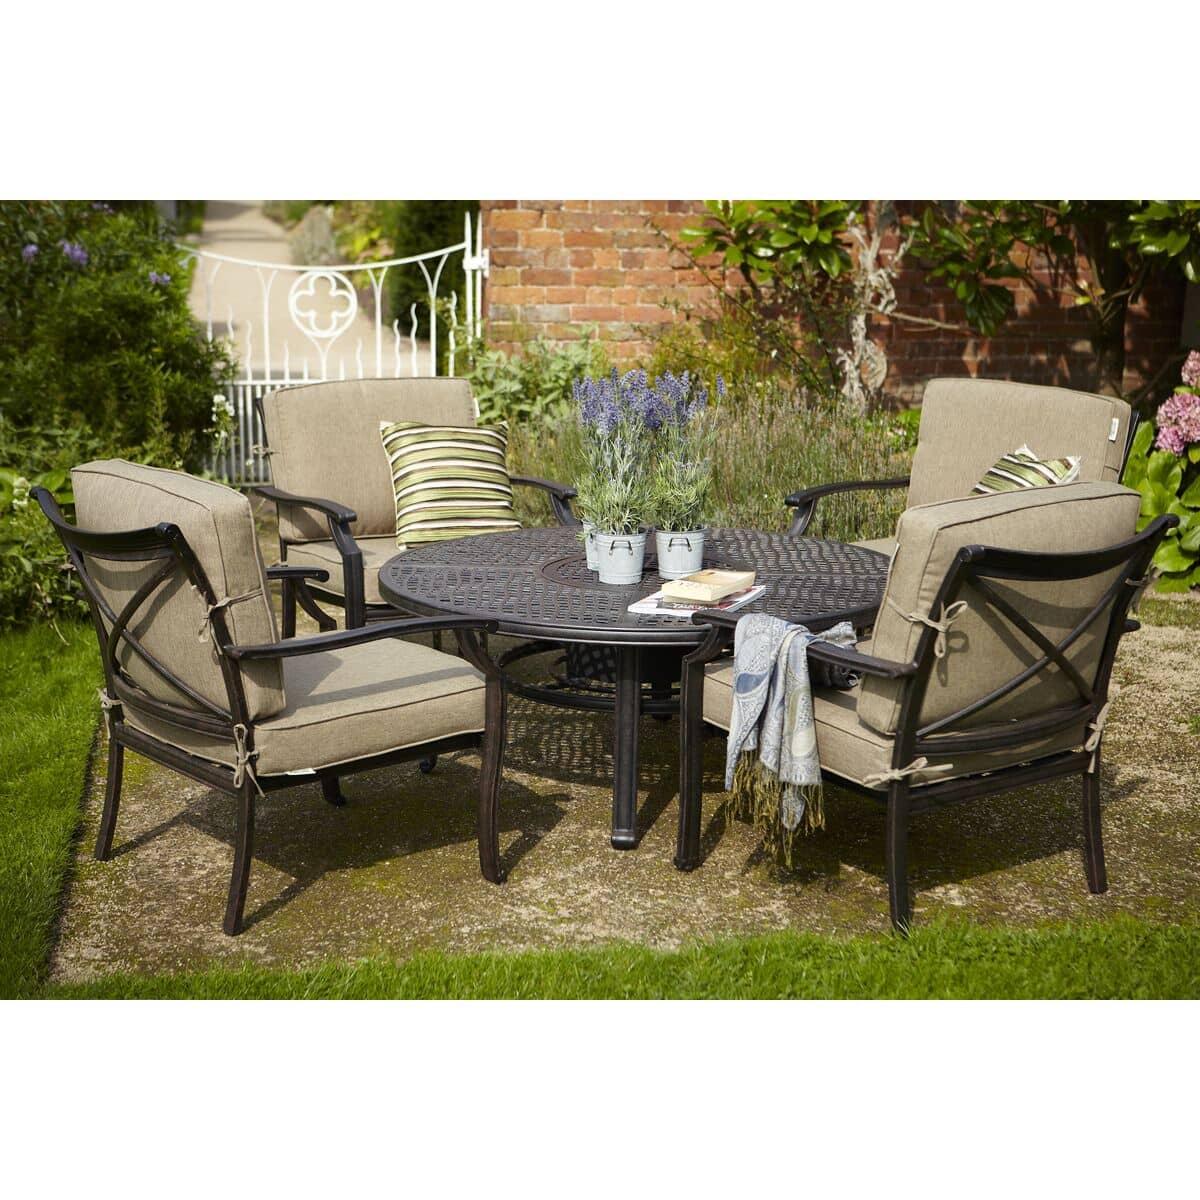 Jamie oliver fire pit set jofireset garden furniture for Furniture world